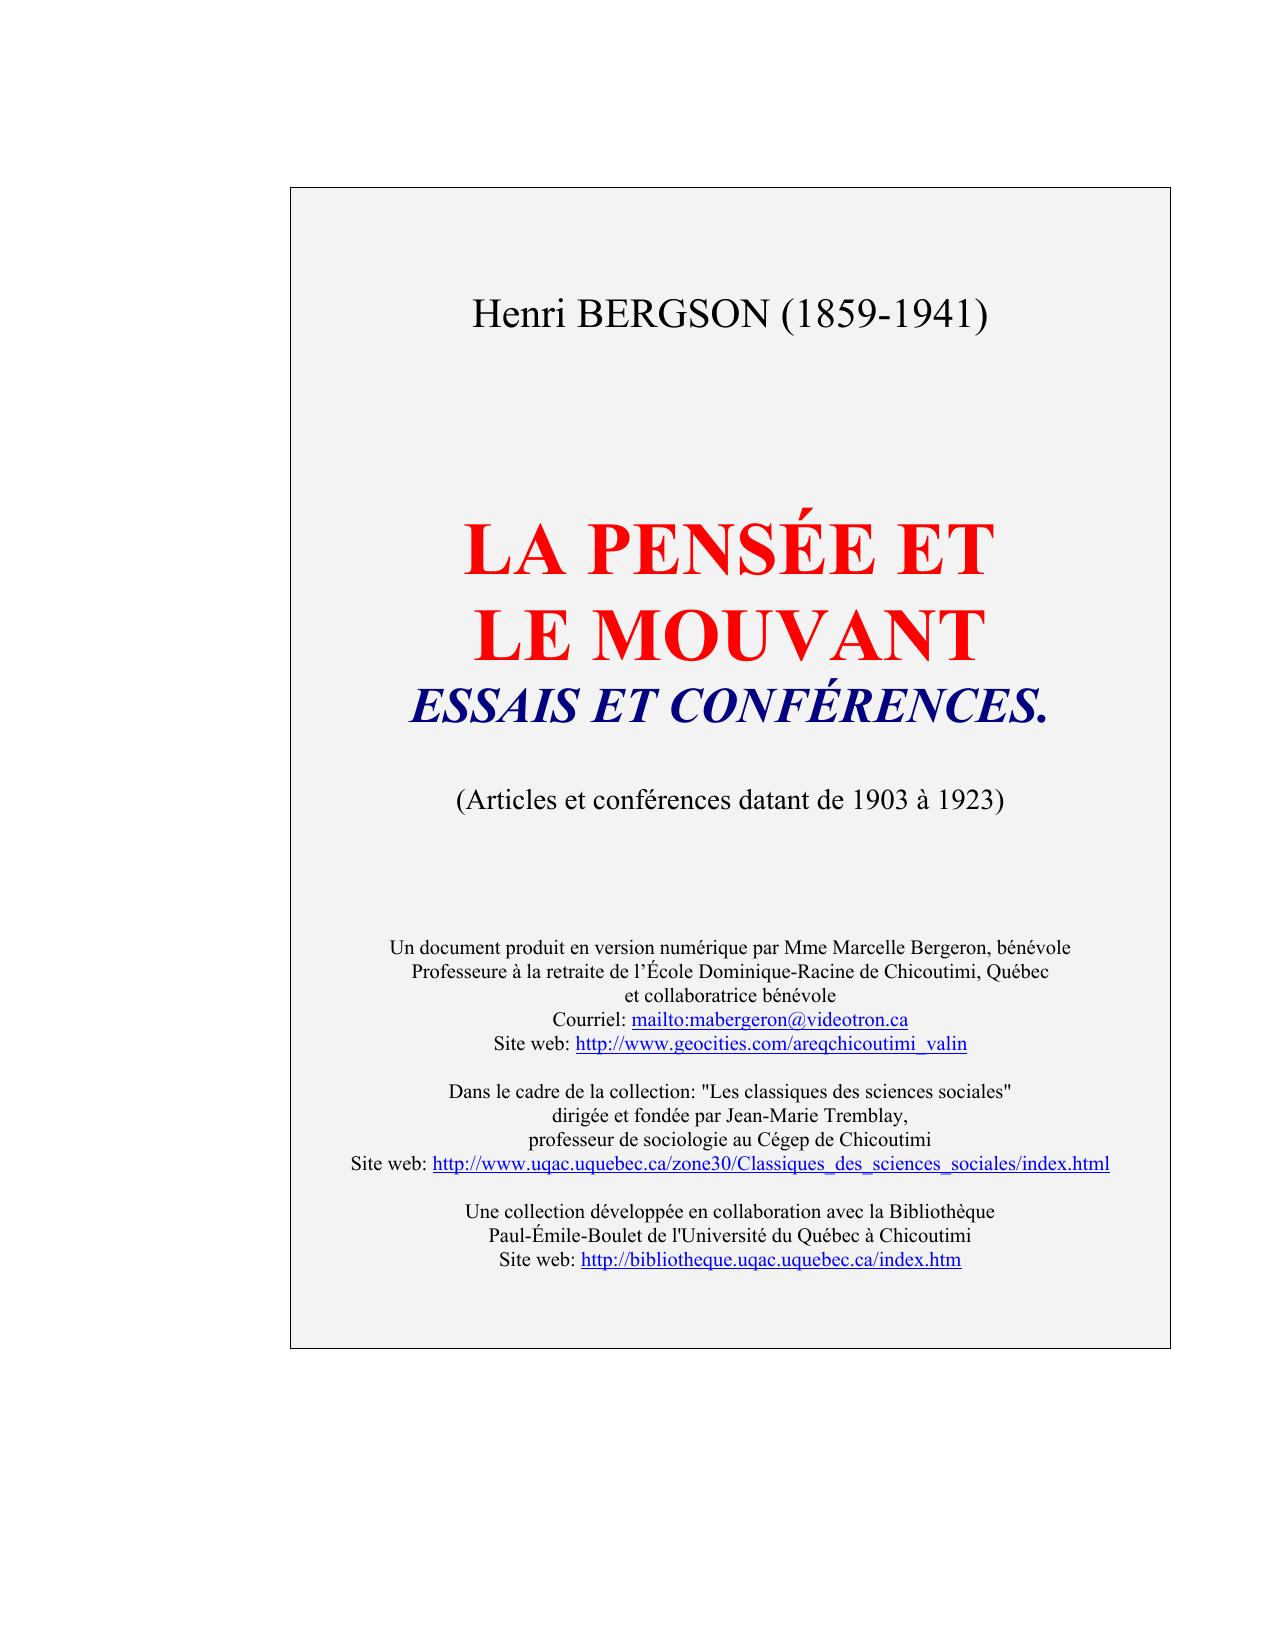 Sainte-Marie-du-Mont est une commune française située, géographiquement dans le massif de Dent de Crolles mais également du côté de la commune de Sainte-Marie-du-Mont qui possède son propre réseau de galeries en.